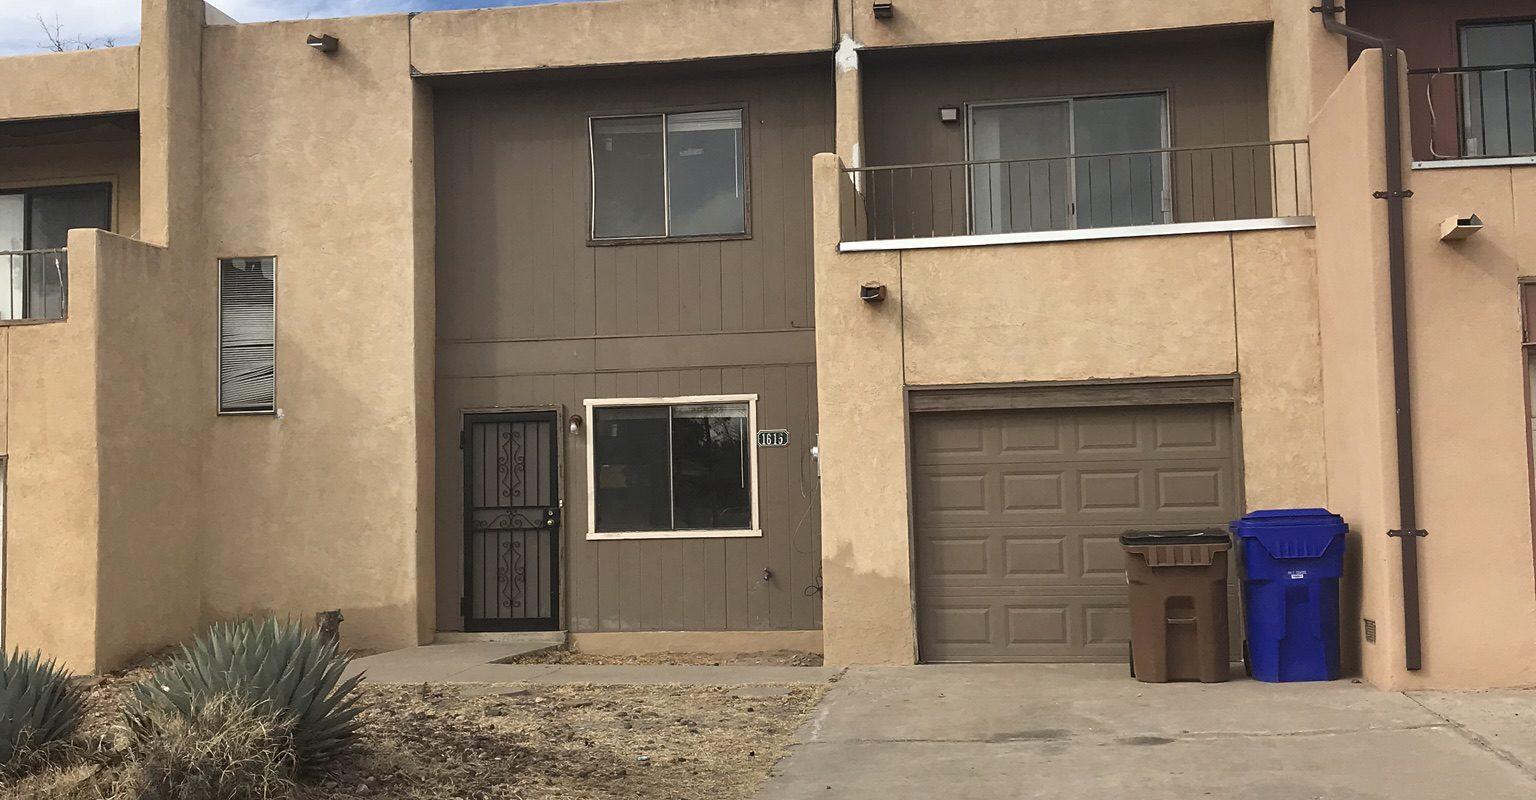 1615 Sunrise Ave., Las Cruces, NM  88001